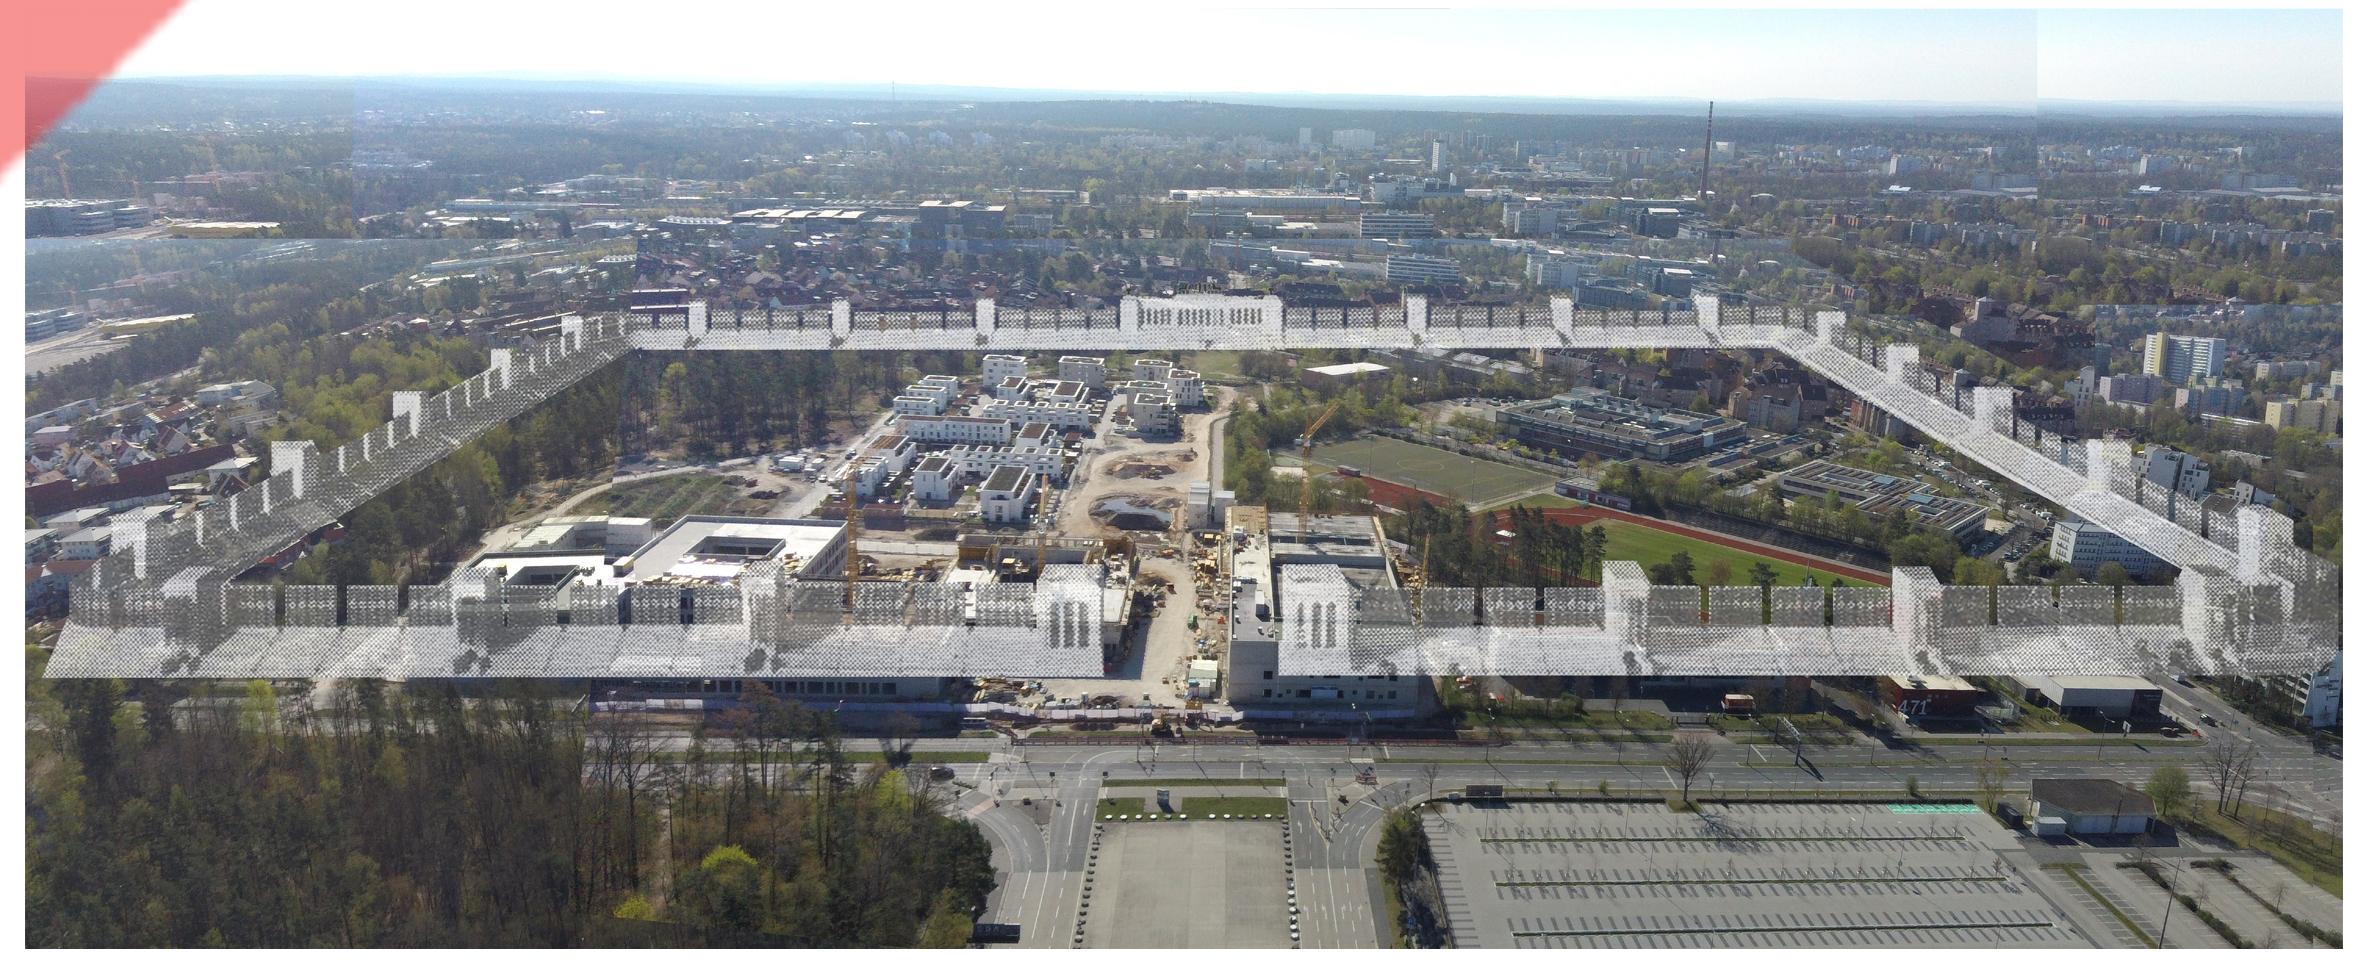 Märzfeld-Nürnberg-Reichsparteitagsgelände-Nürnberg-Große-Straße-Eingang-Panorama-Drohne-Luft-Blick-Damals-Jetzt-Vergleich